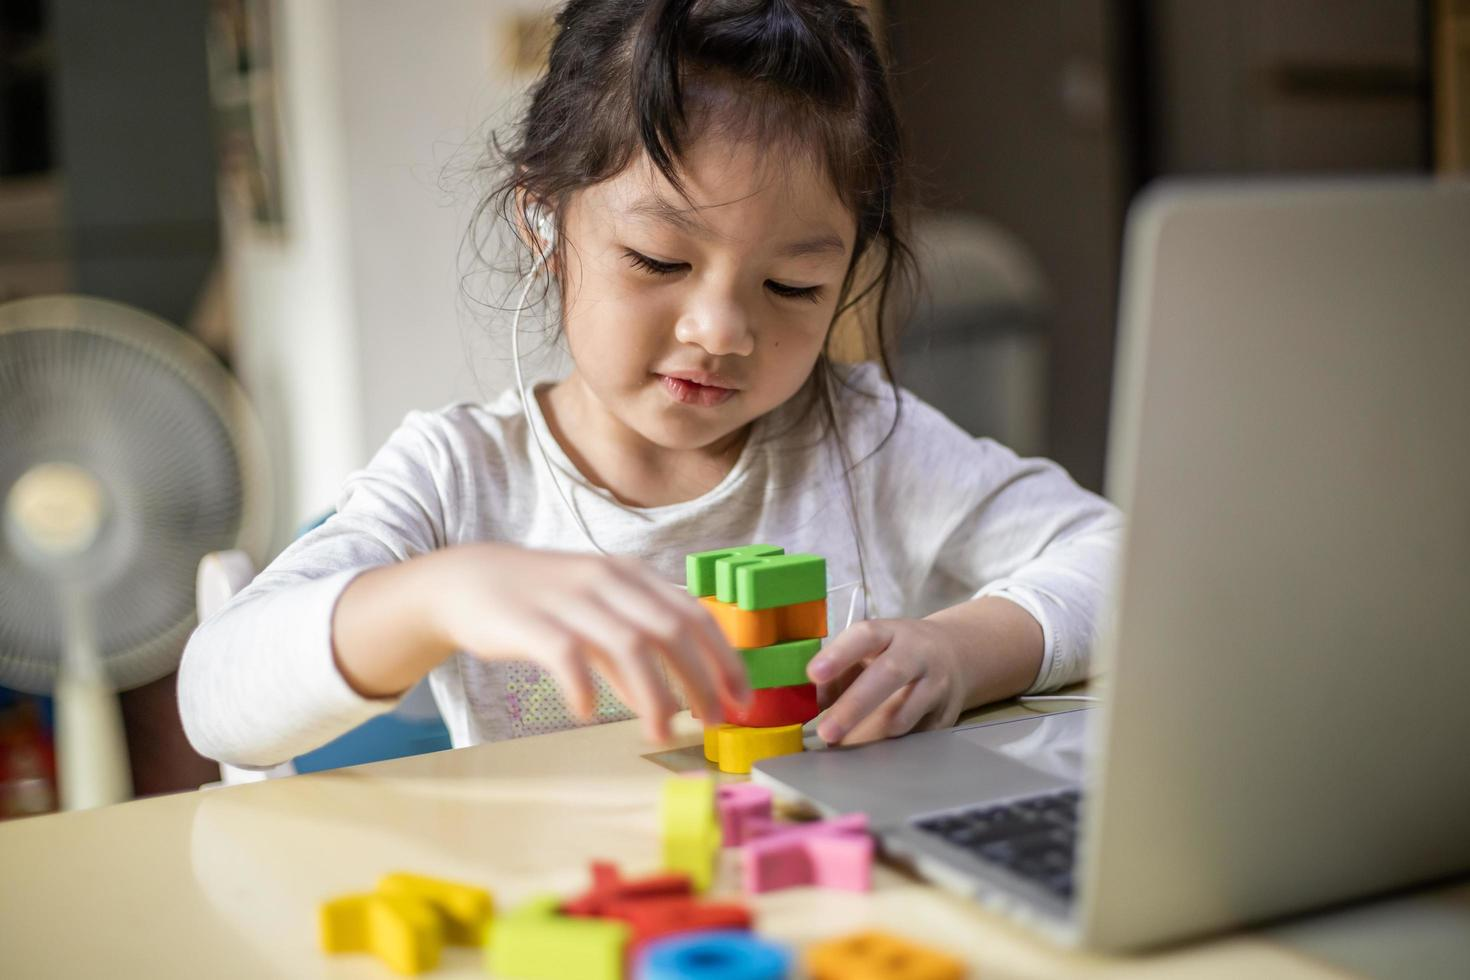 fille asiatique apprenant les alphabets en ligne, fille heureuse apprenant en ligne avec un ordinateur portable à la maison. nouvelle normalité. coronavirus covid-19. distanciation sociale. rester à la maison photo